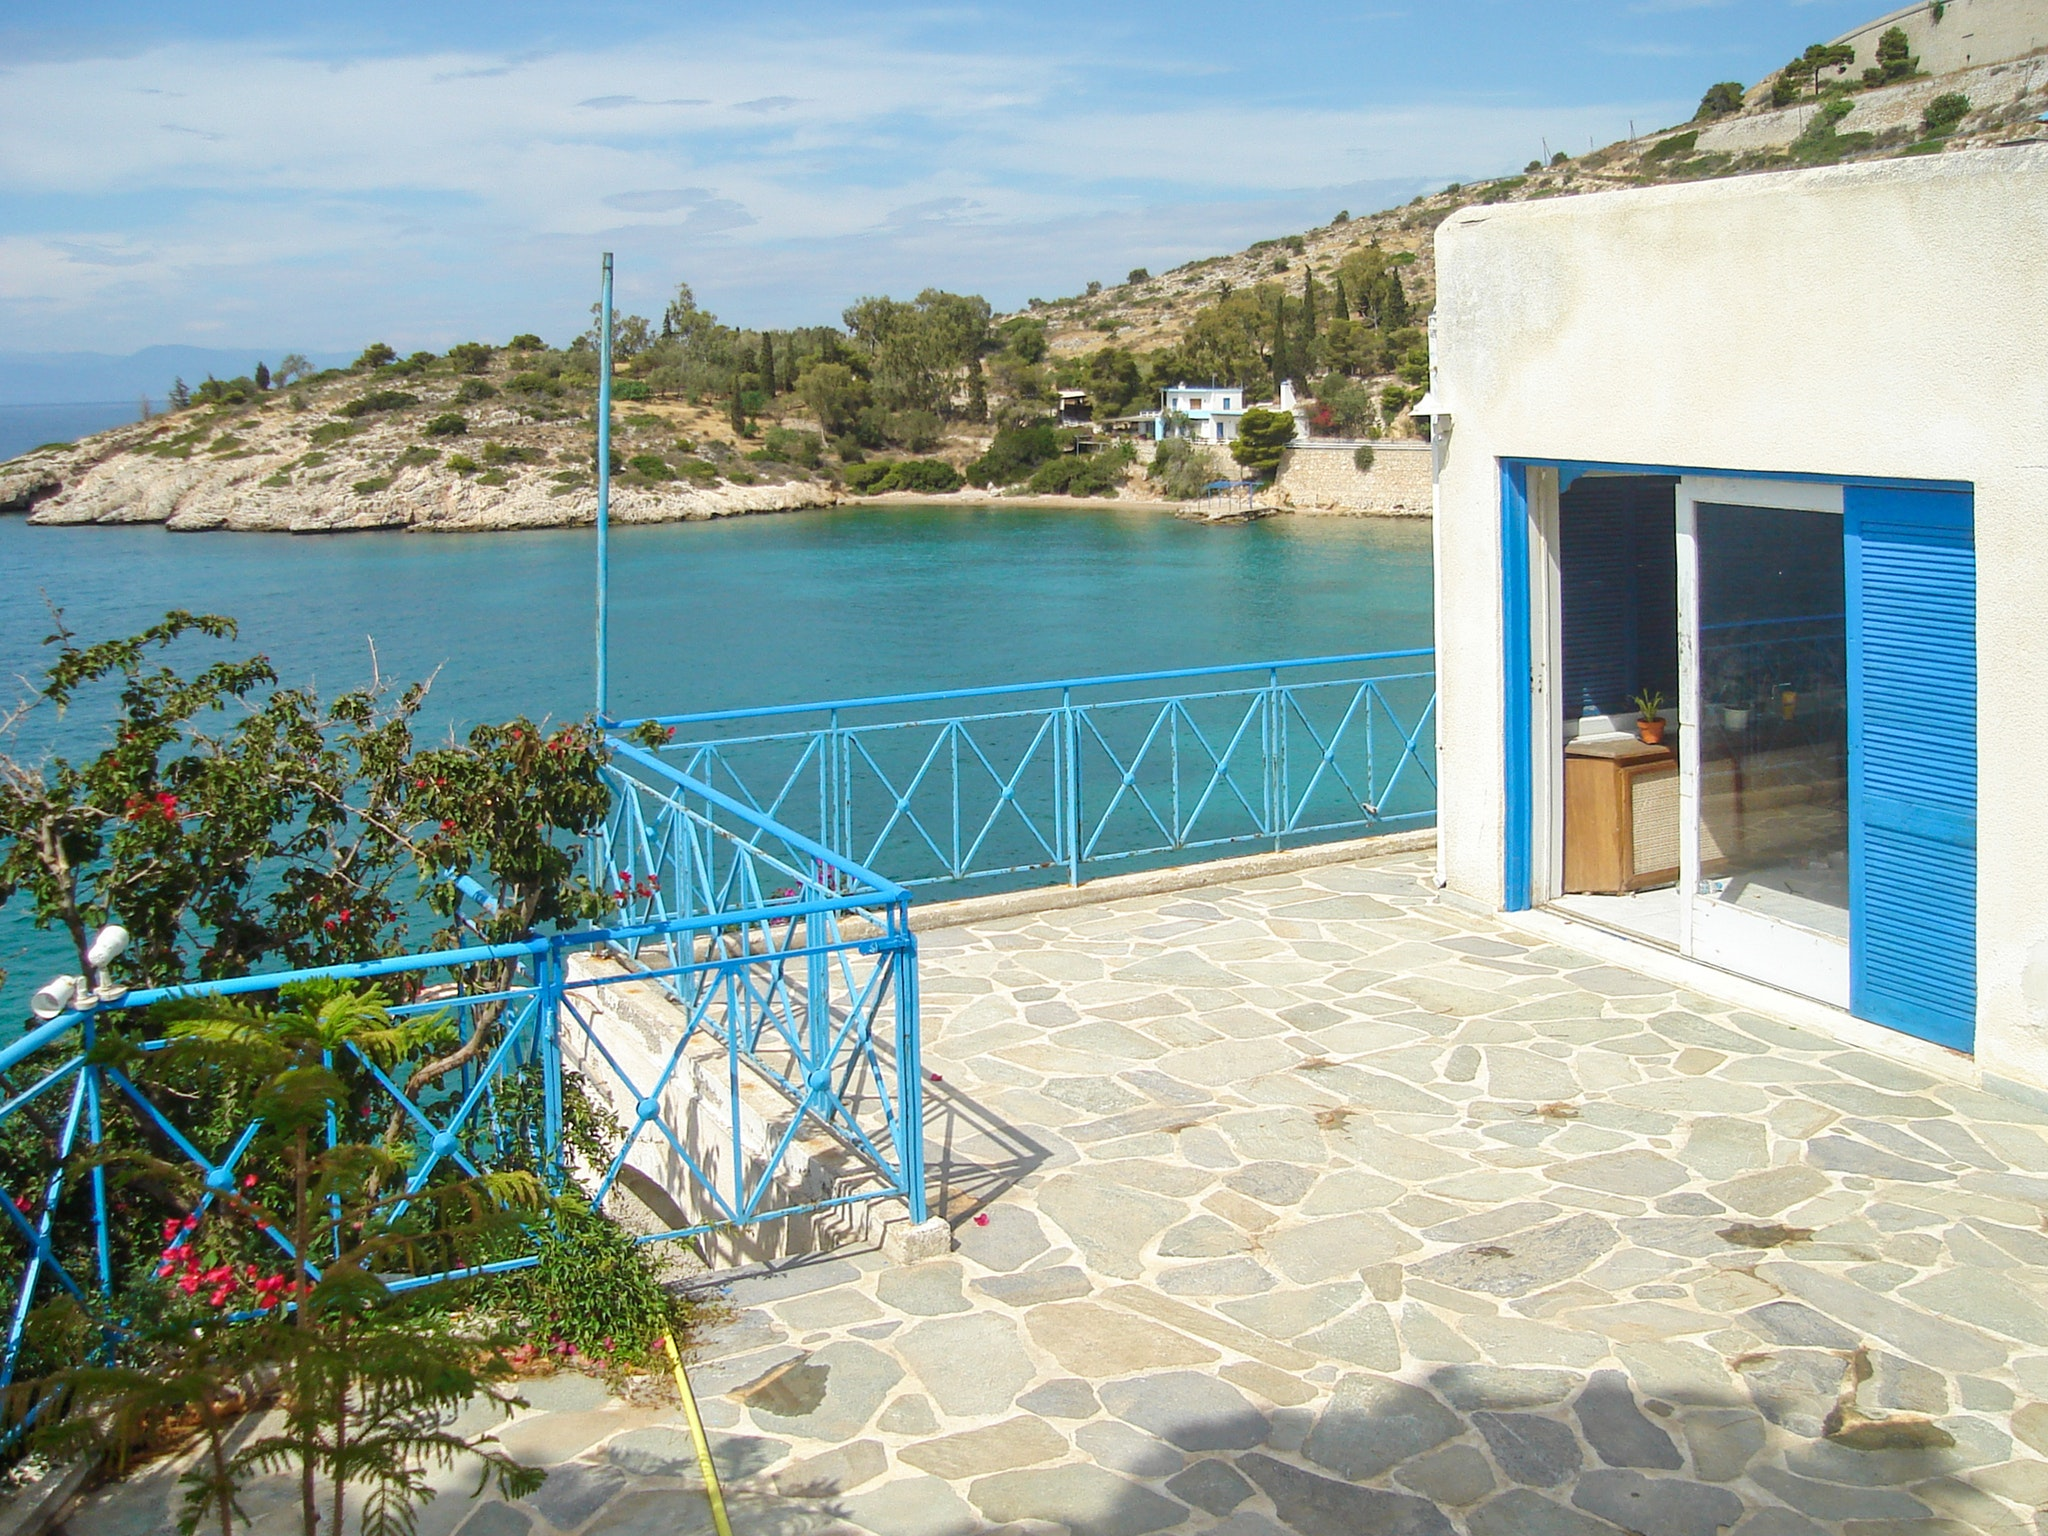 Holiday house Luxuriöse Villa in Megara direkt am Meer, mit wunderschöner Aussicht und möbliertem Balkon (2294781), Megara, , Attica, Greece, picture 2